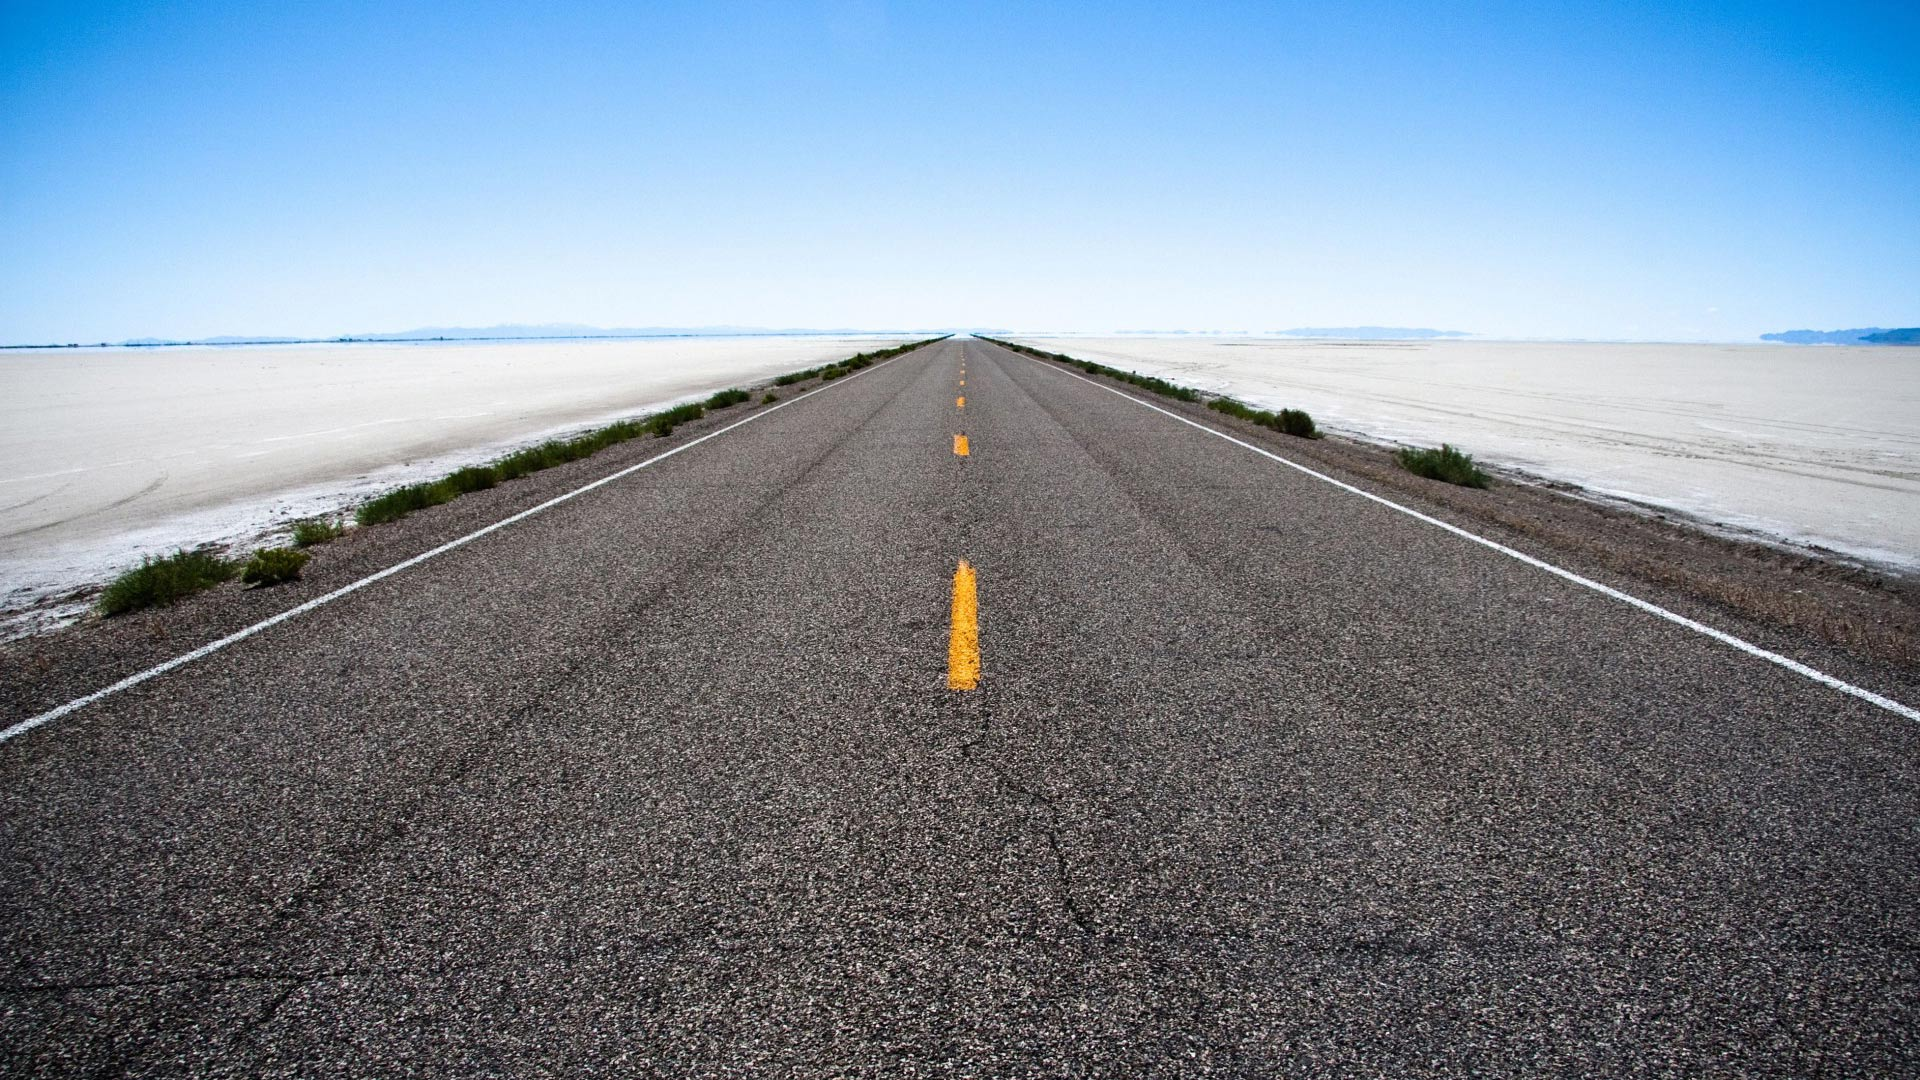 С 26 января будет работать система взимания оплаты на ряде автодорог